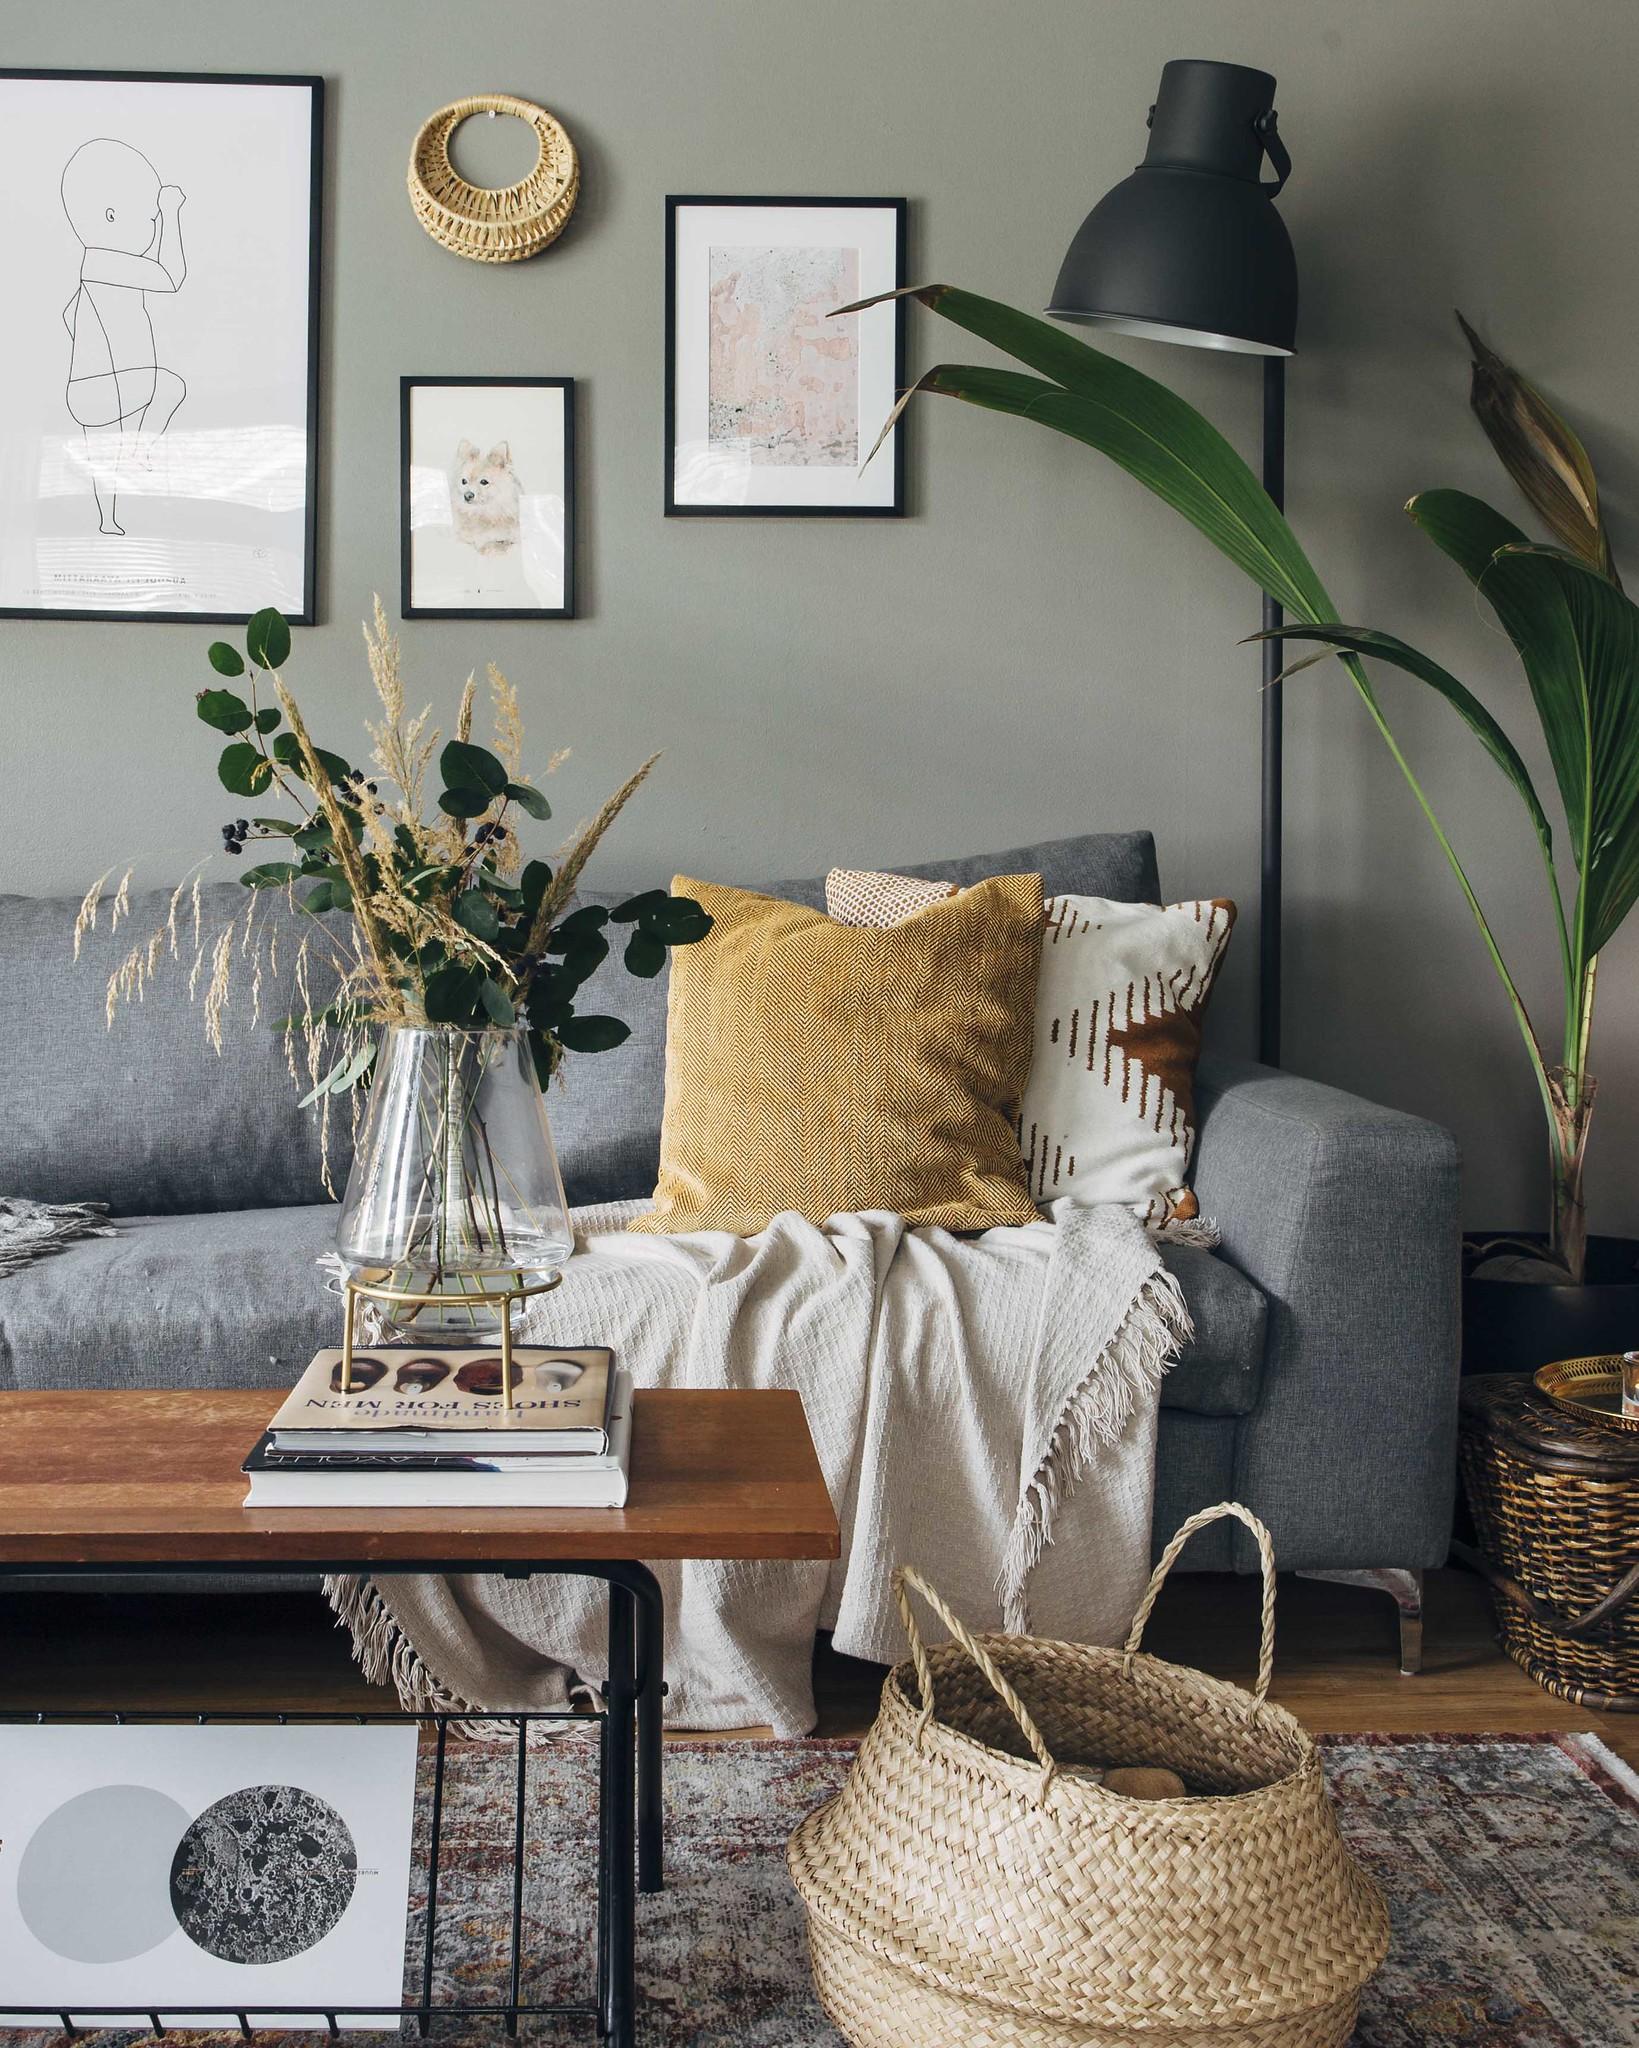 Boheemi olohuone, jonka kahvipöydällä on kimppu oksista ja heinästä.